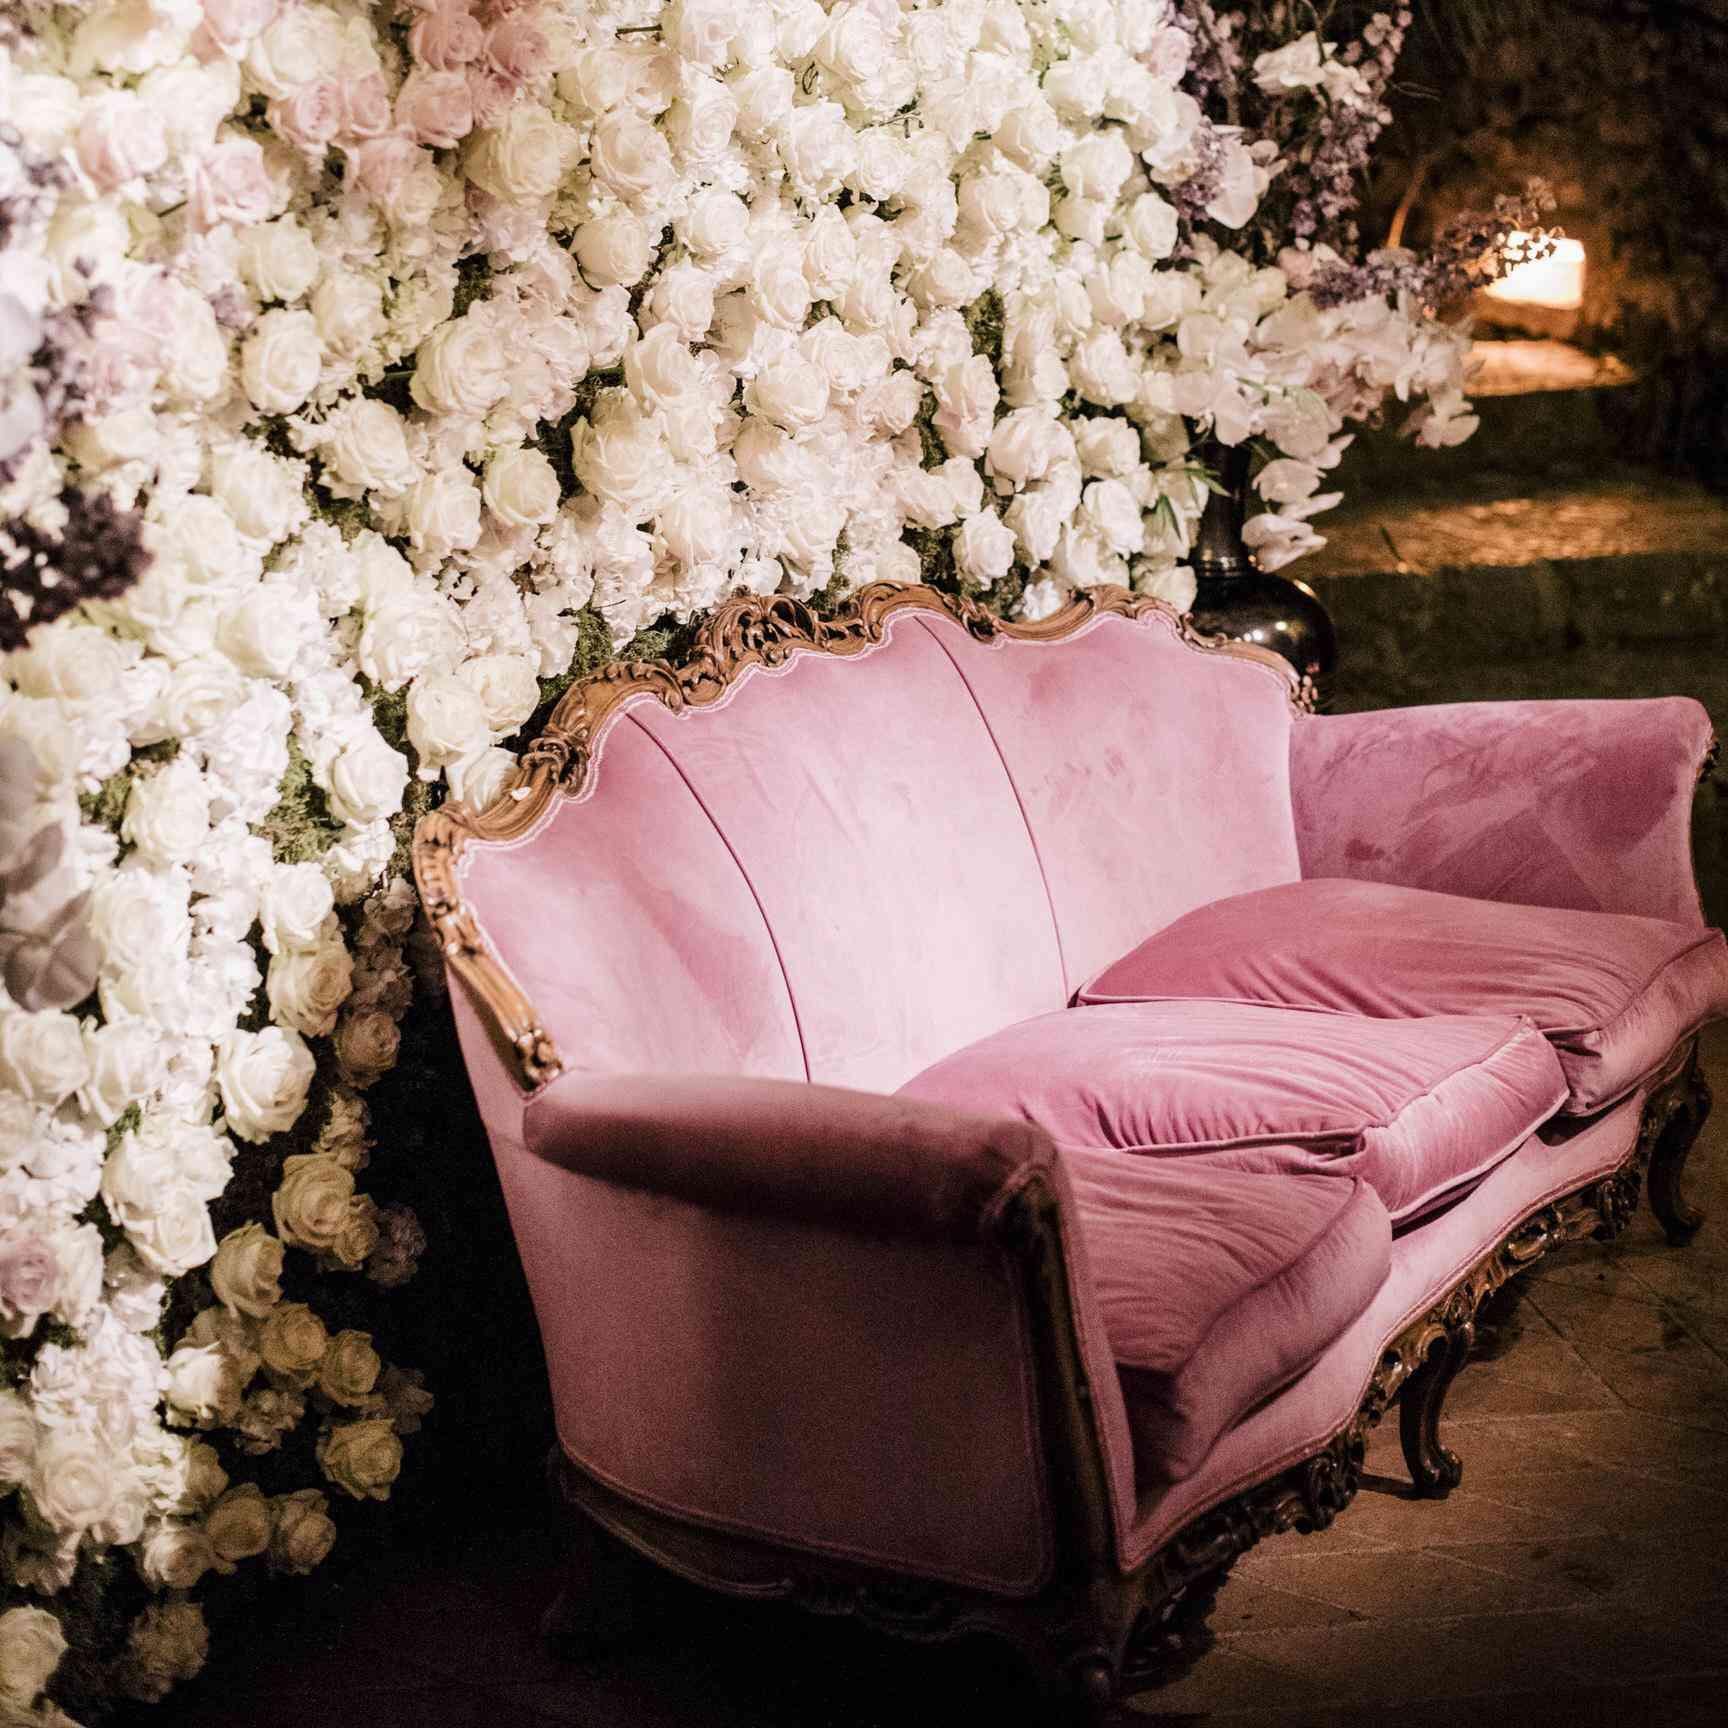 Wall Decoration Ideas Wedding: 20 Stunning Wedding Flower Wall Ideas